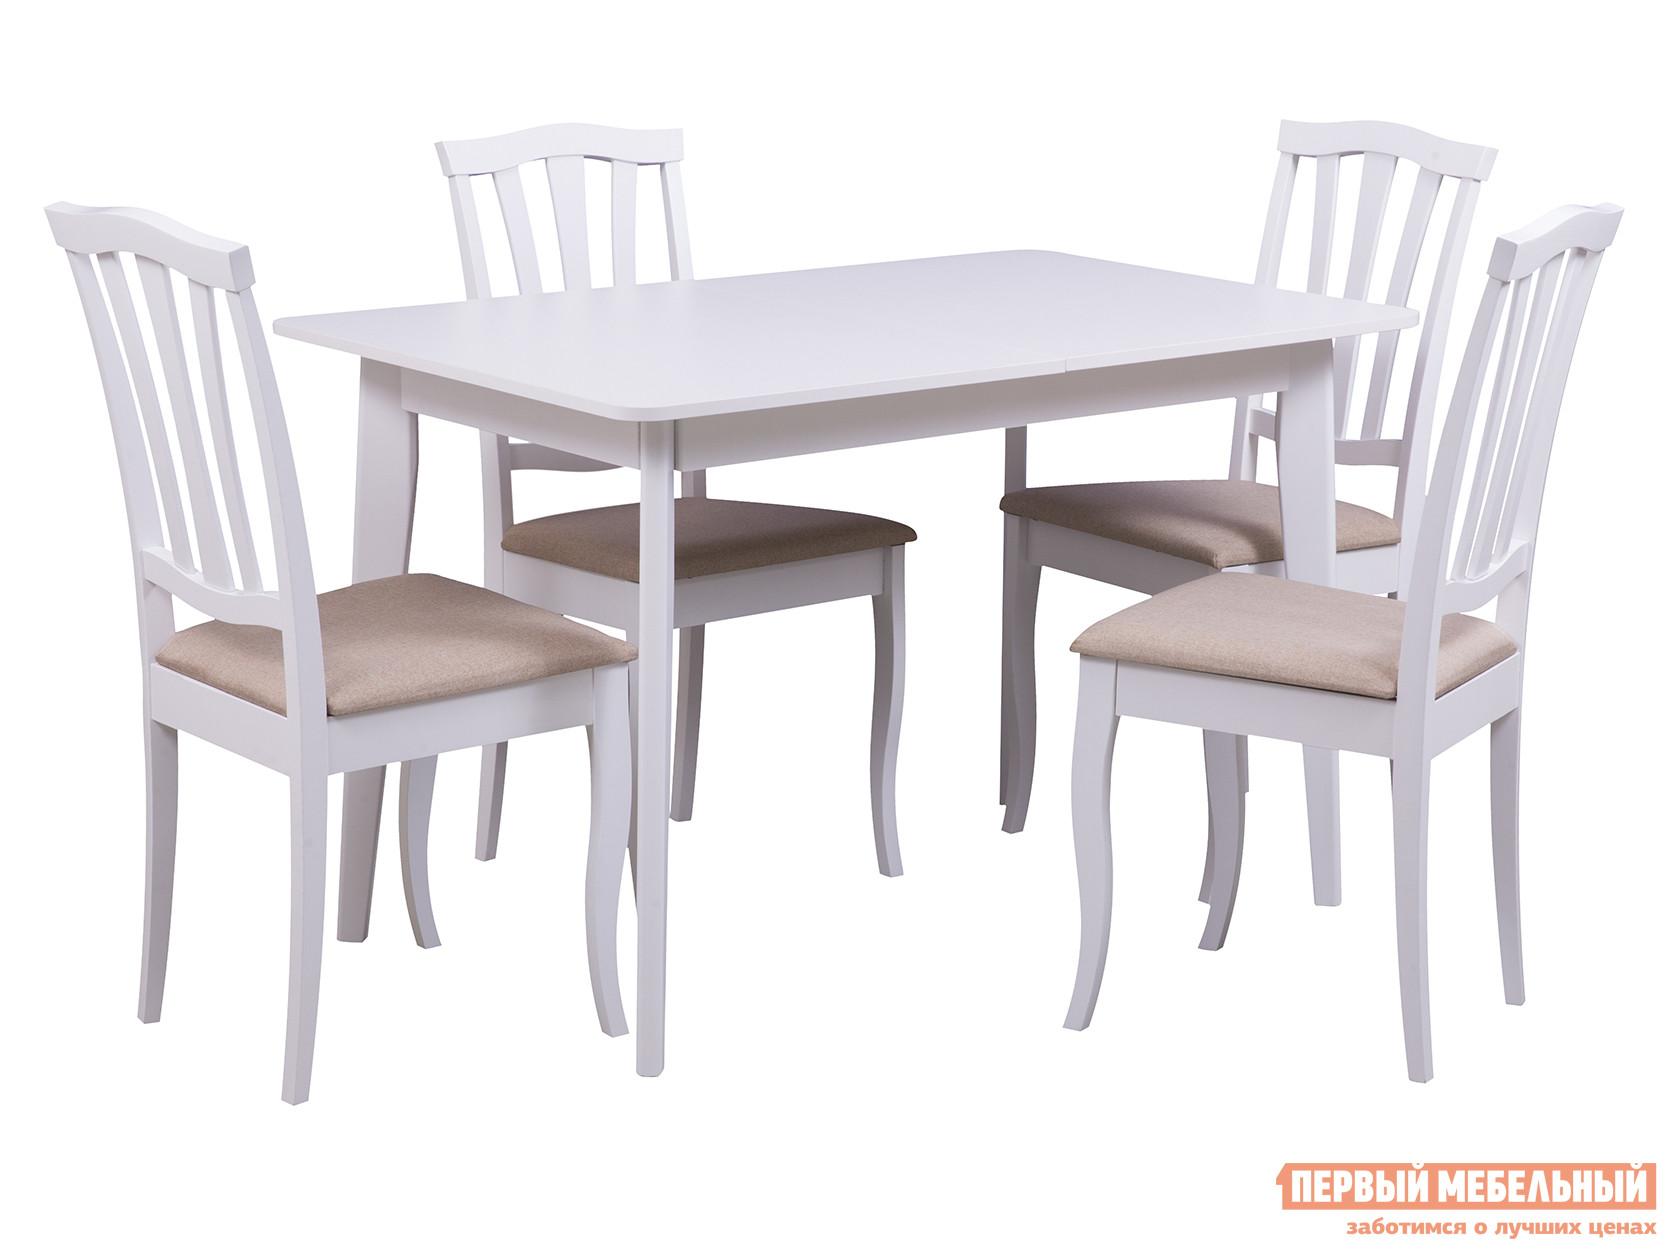 Обеденная группа для столовой и гостиной Mebwill Стол Йорк + 4 стула Сити marmot storm shield jacket bright navy